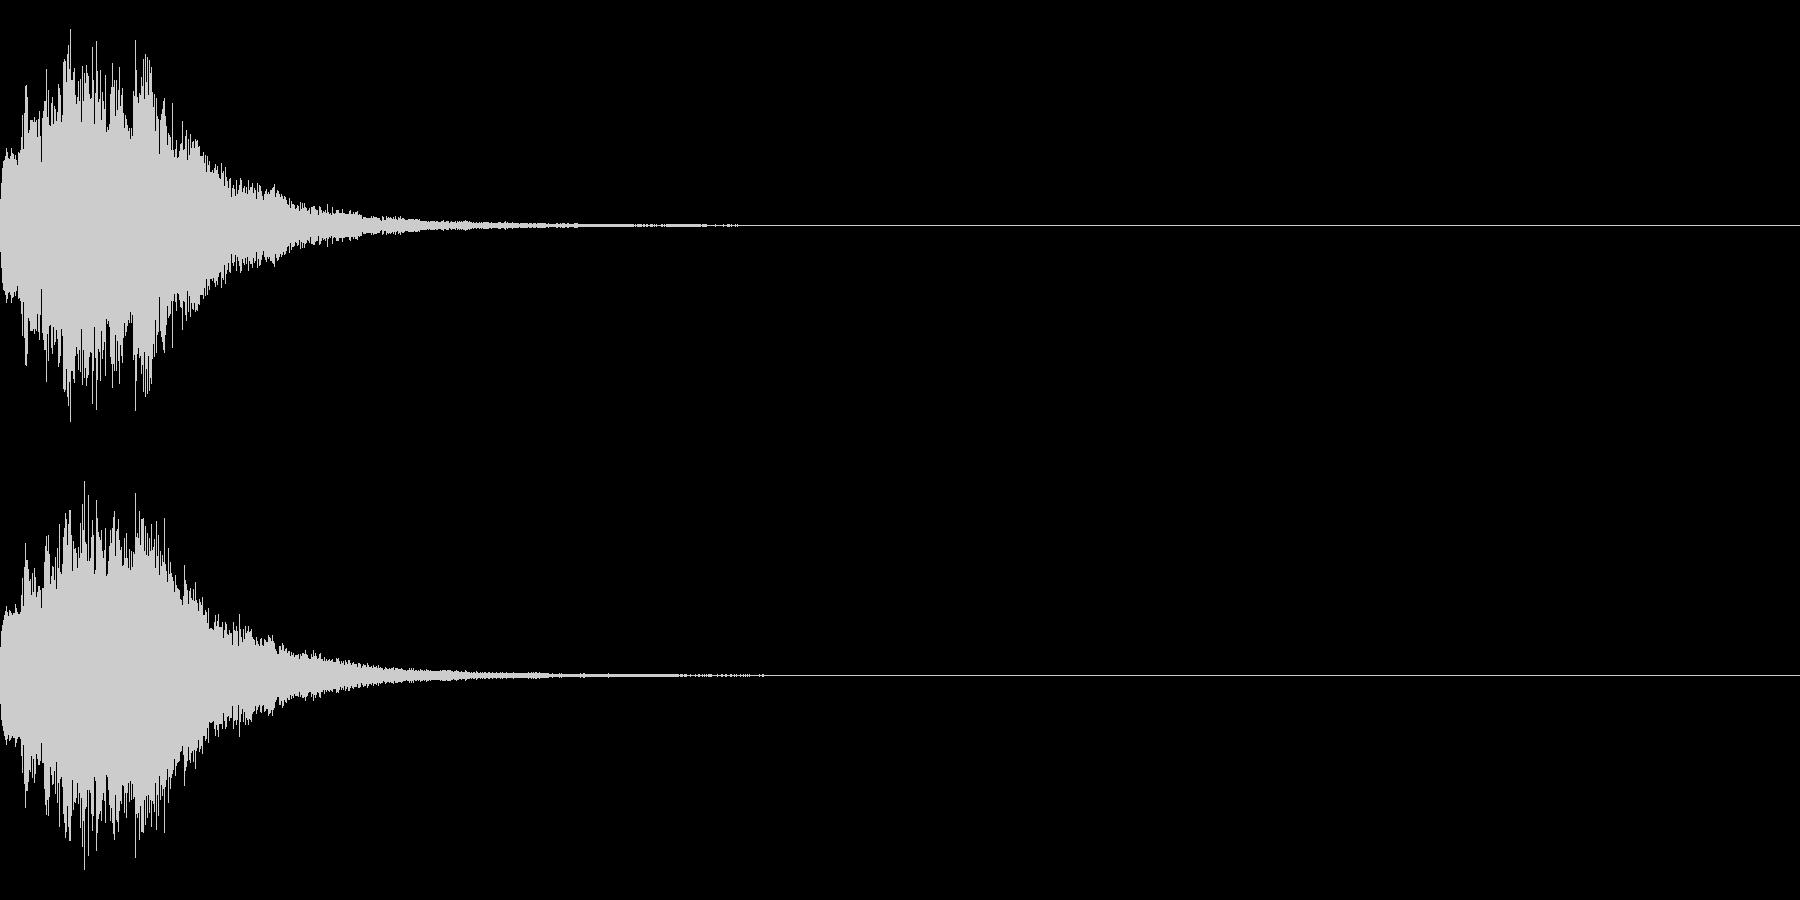 アナウンス 案内 実験 チャイム 05の未再生の波形